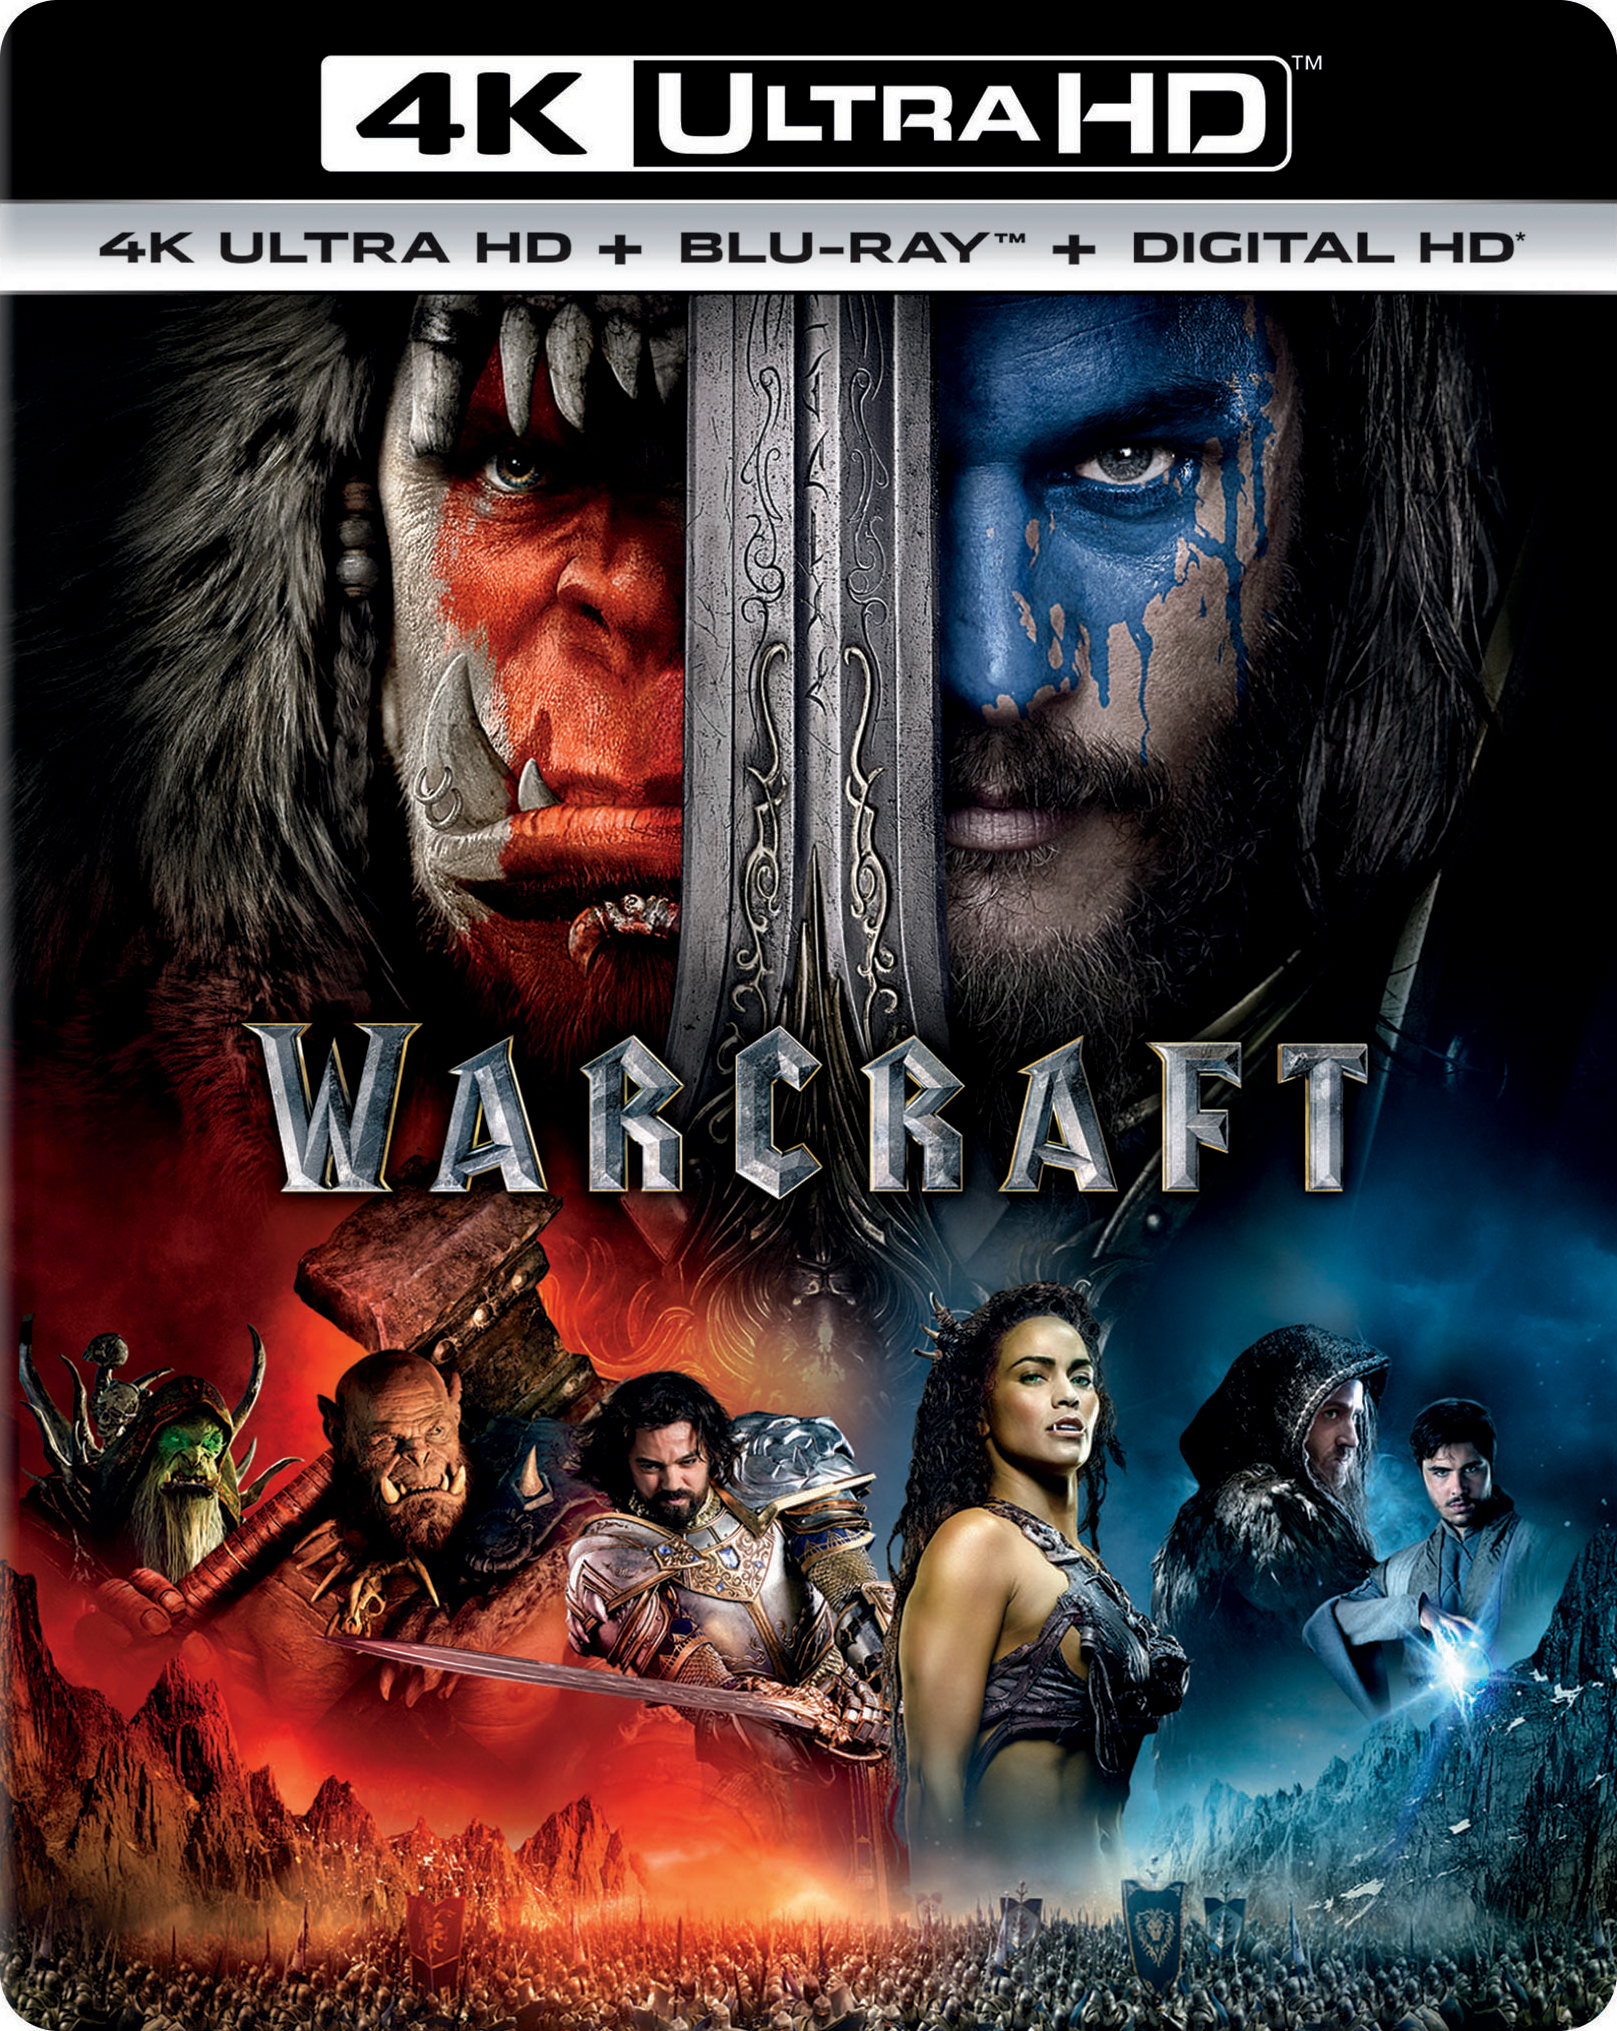 Warcraft 4K (2016) 4K Ultra HD Blu-ray